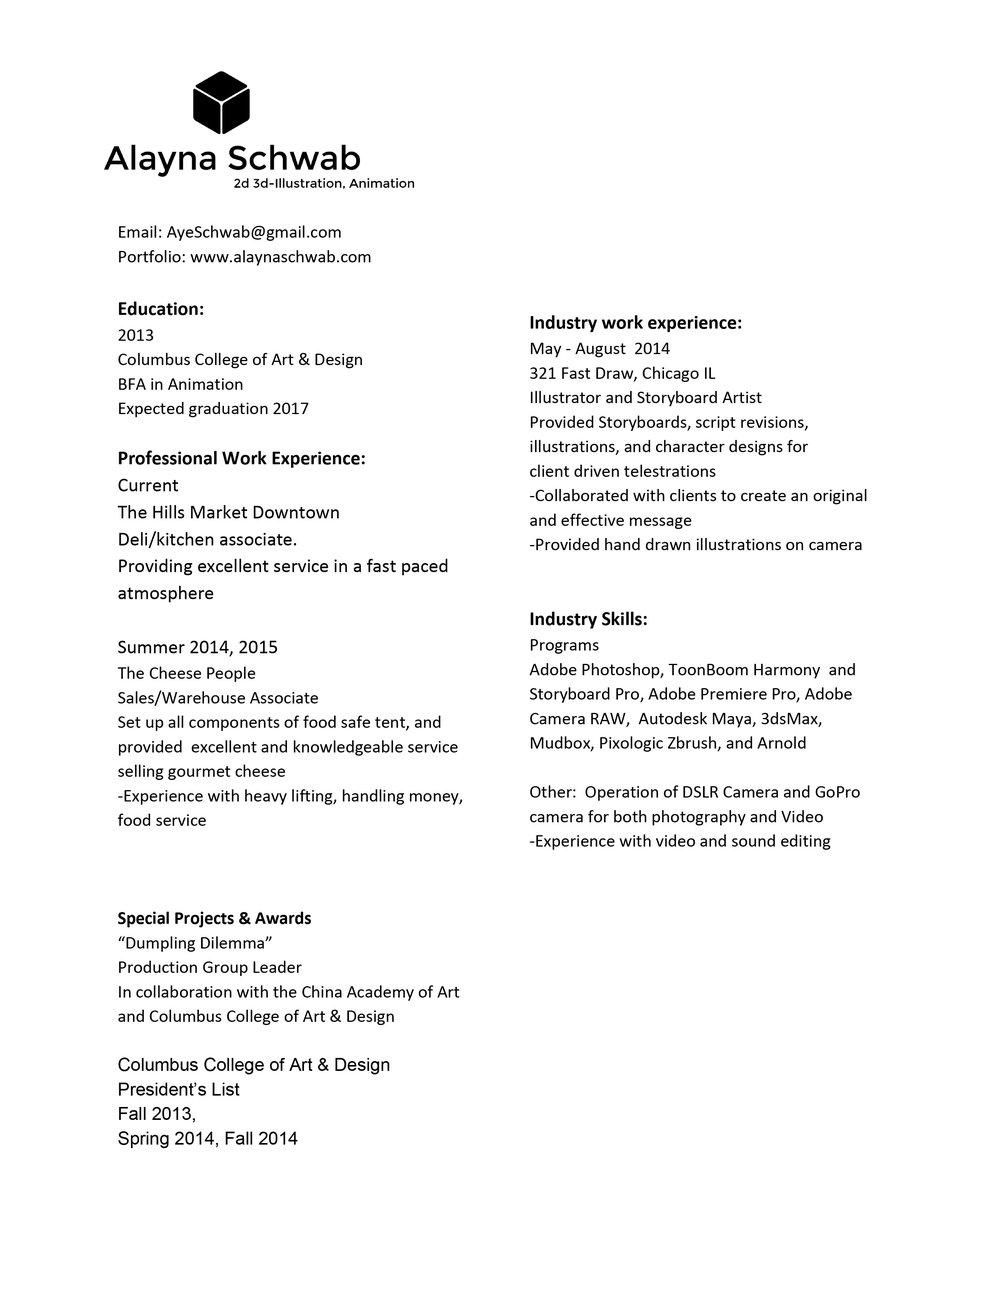 Schwab_Resume.jpg